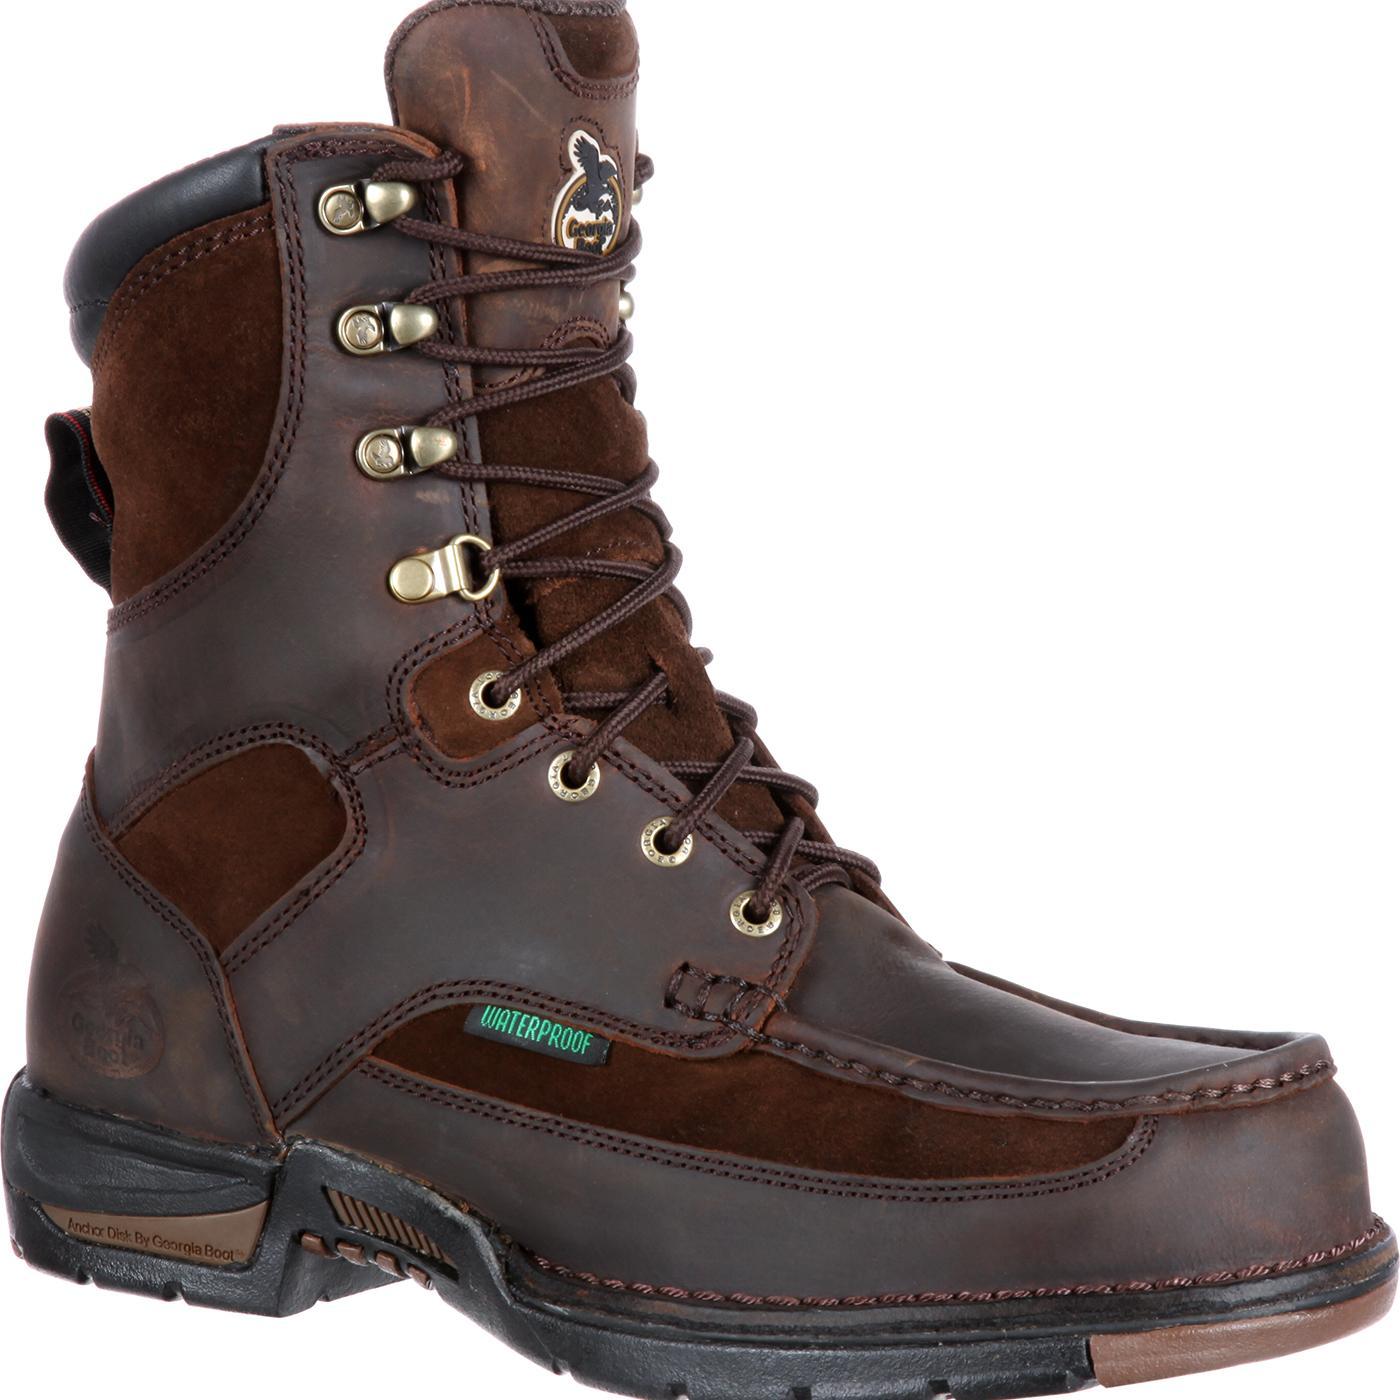 84f753e4e54 Georgia Boot Athens Waterproof Work Boot